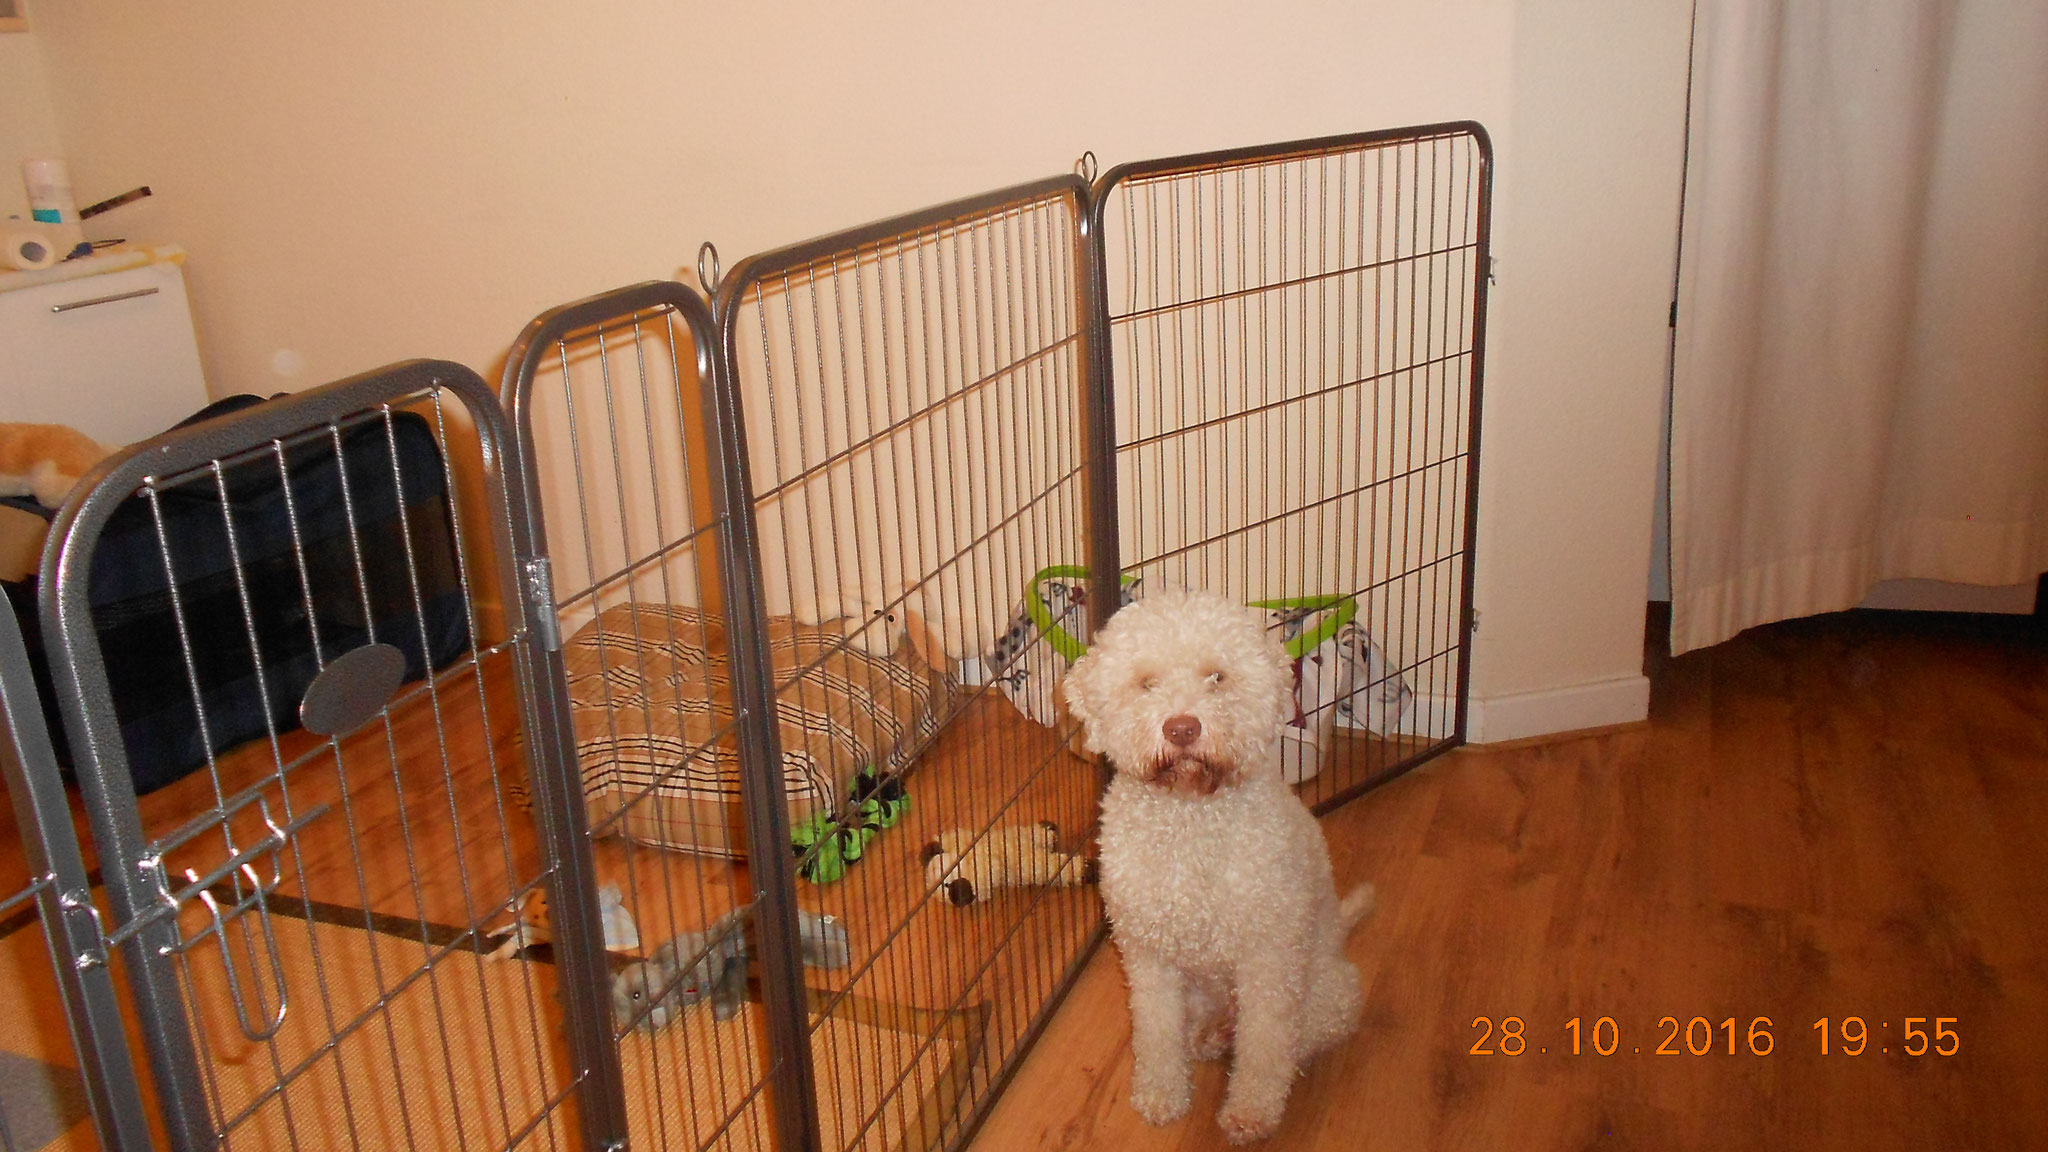 Emil fragt sich wohl, warum die jetzt hinter Gitter sind ----was haben die nur angestellt ;-)